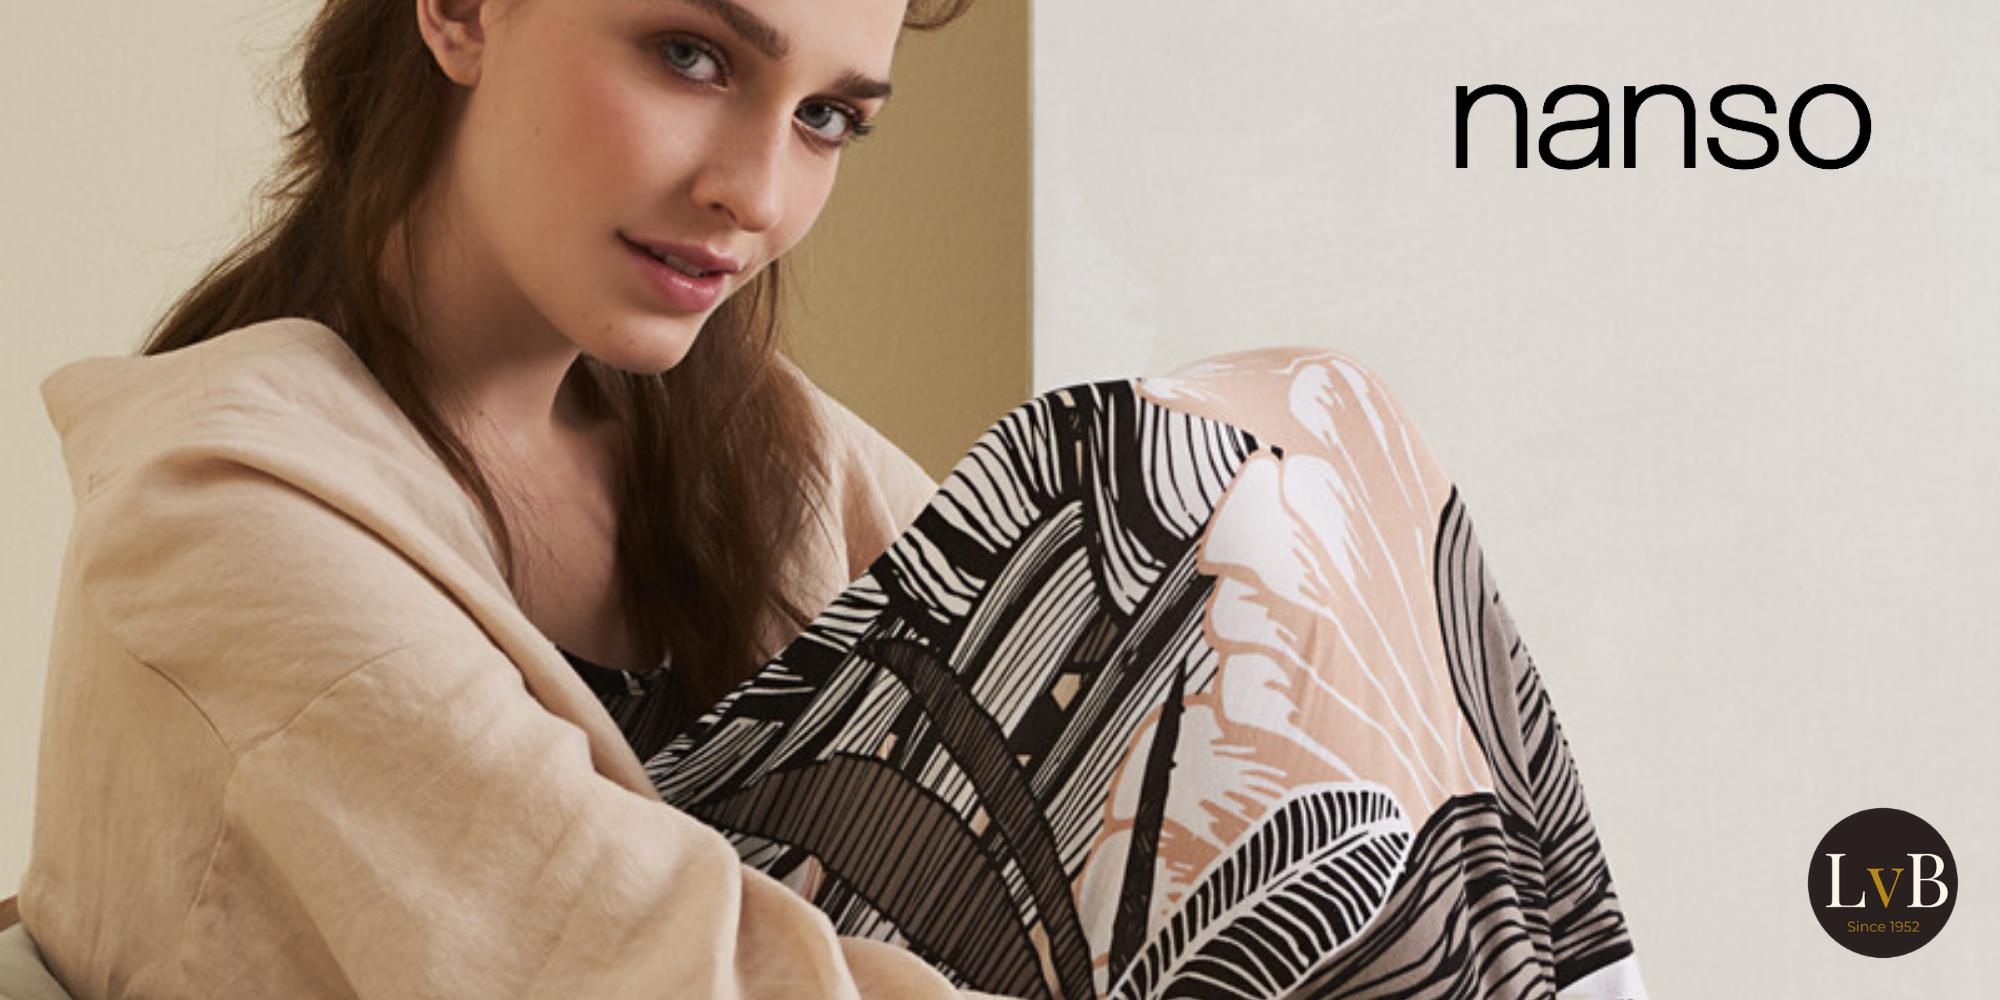 nanso-nachtkleding-online